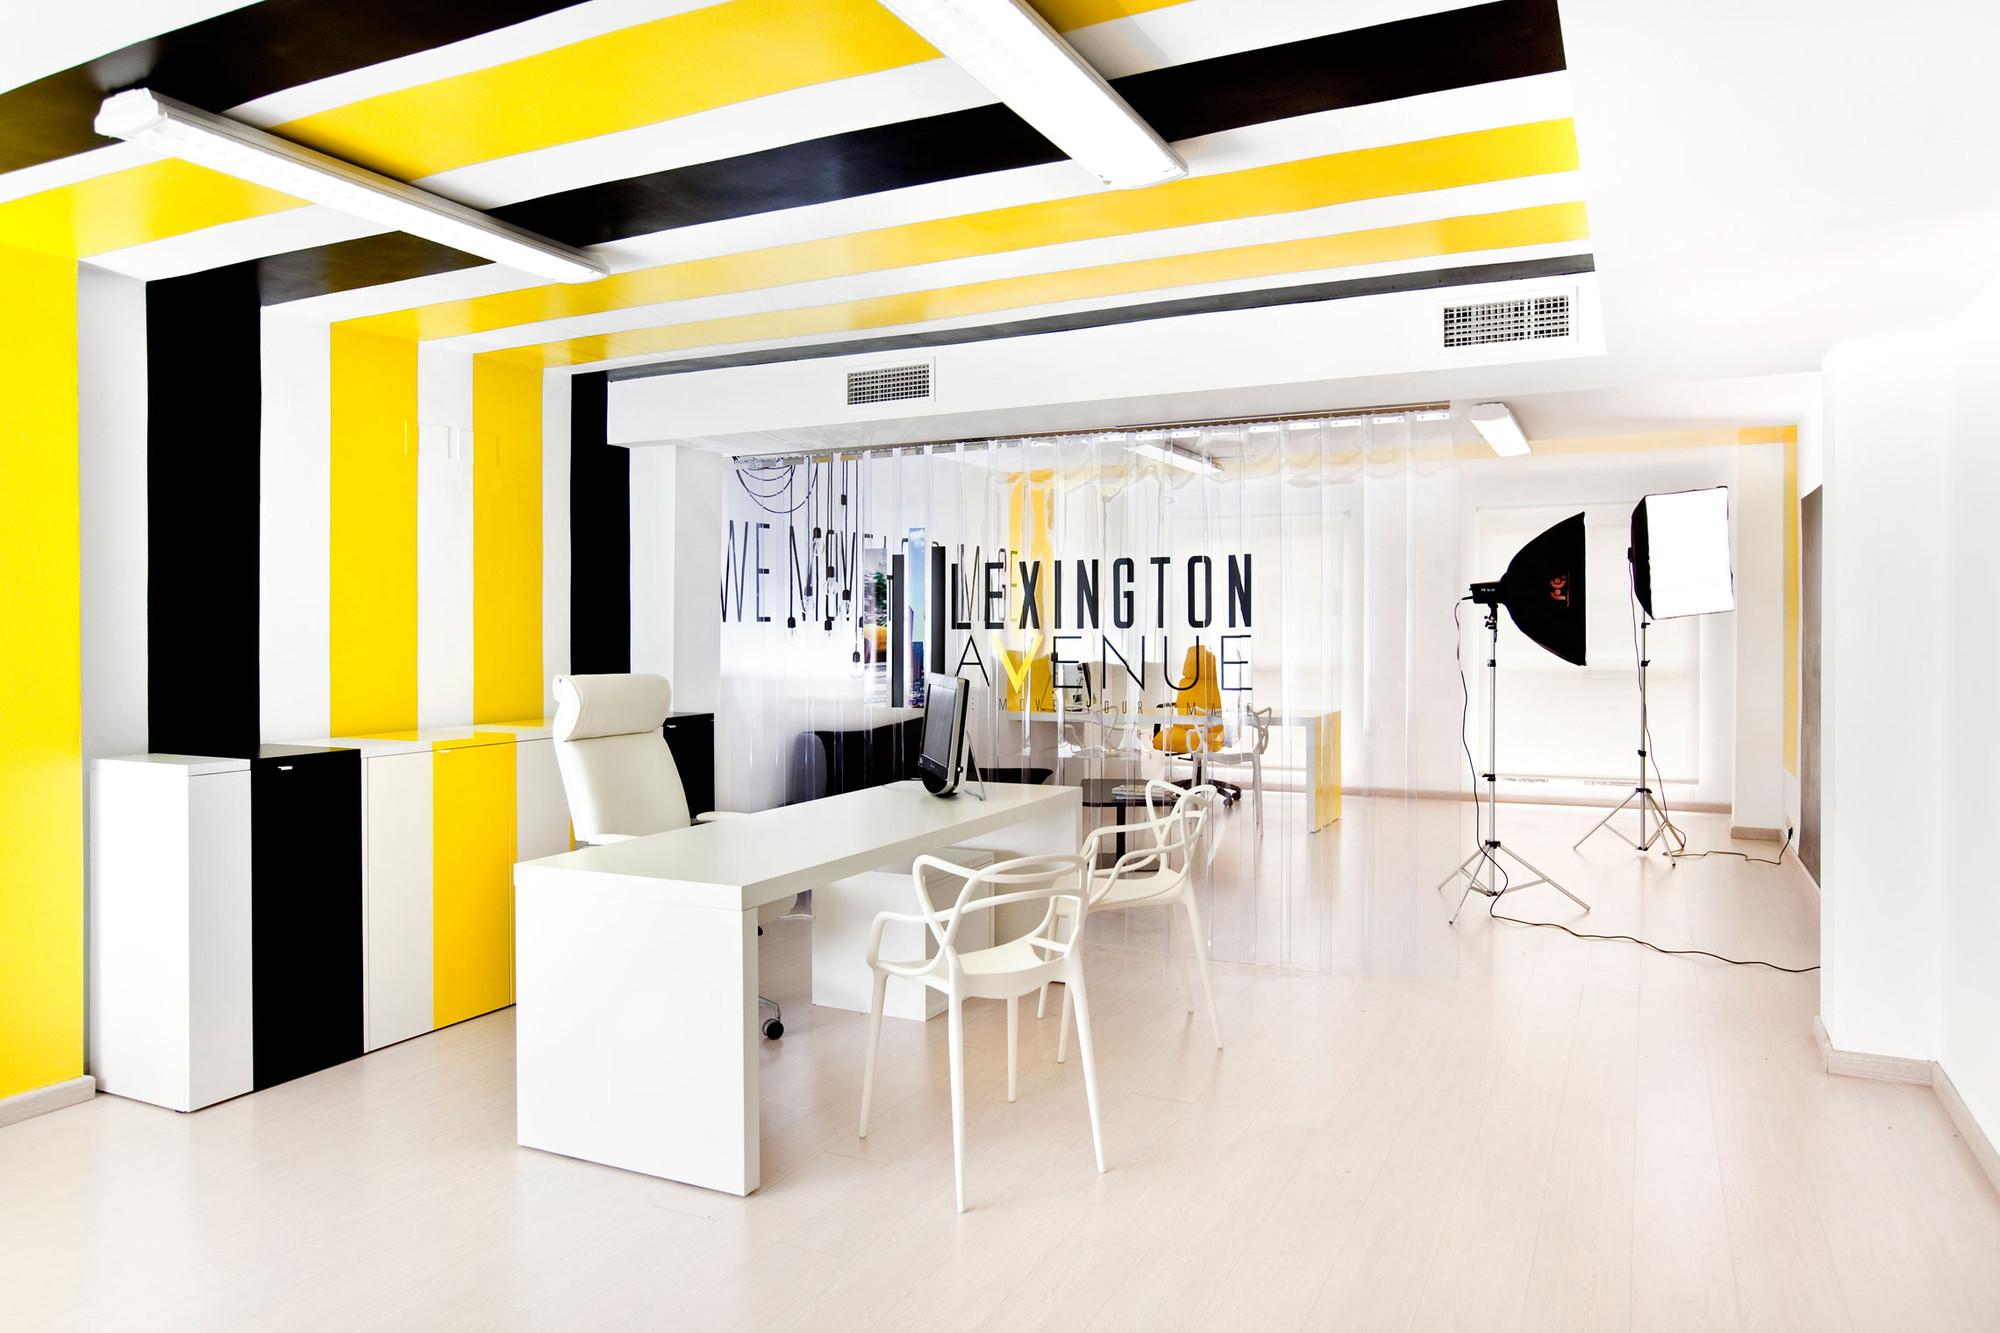 Agencia Lexington Avenue / Masquespacio